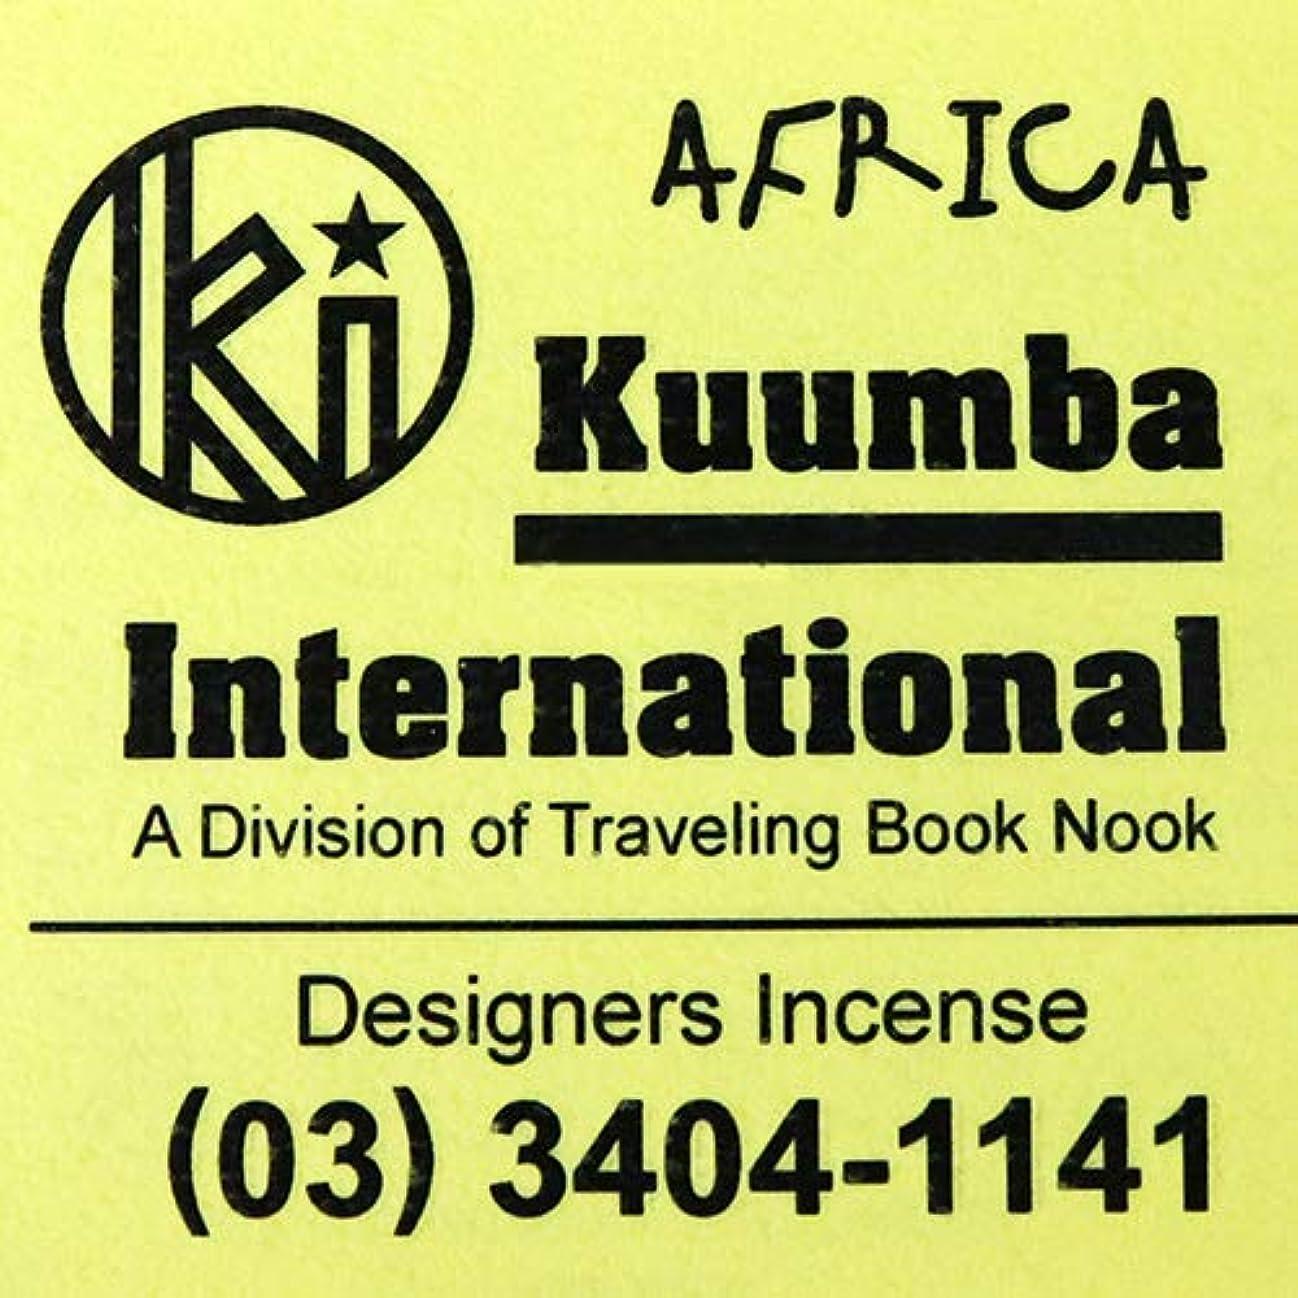 長方形民兵フェンス(クンバ) KUUMBA『incense』(AFRICA) (AFRICA, Regular size)